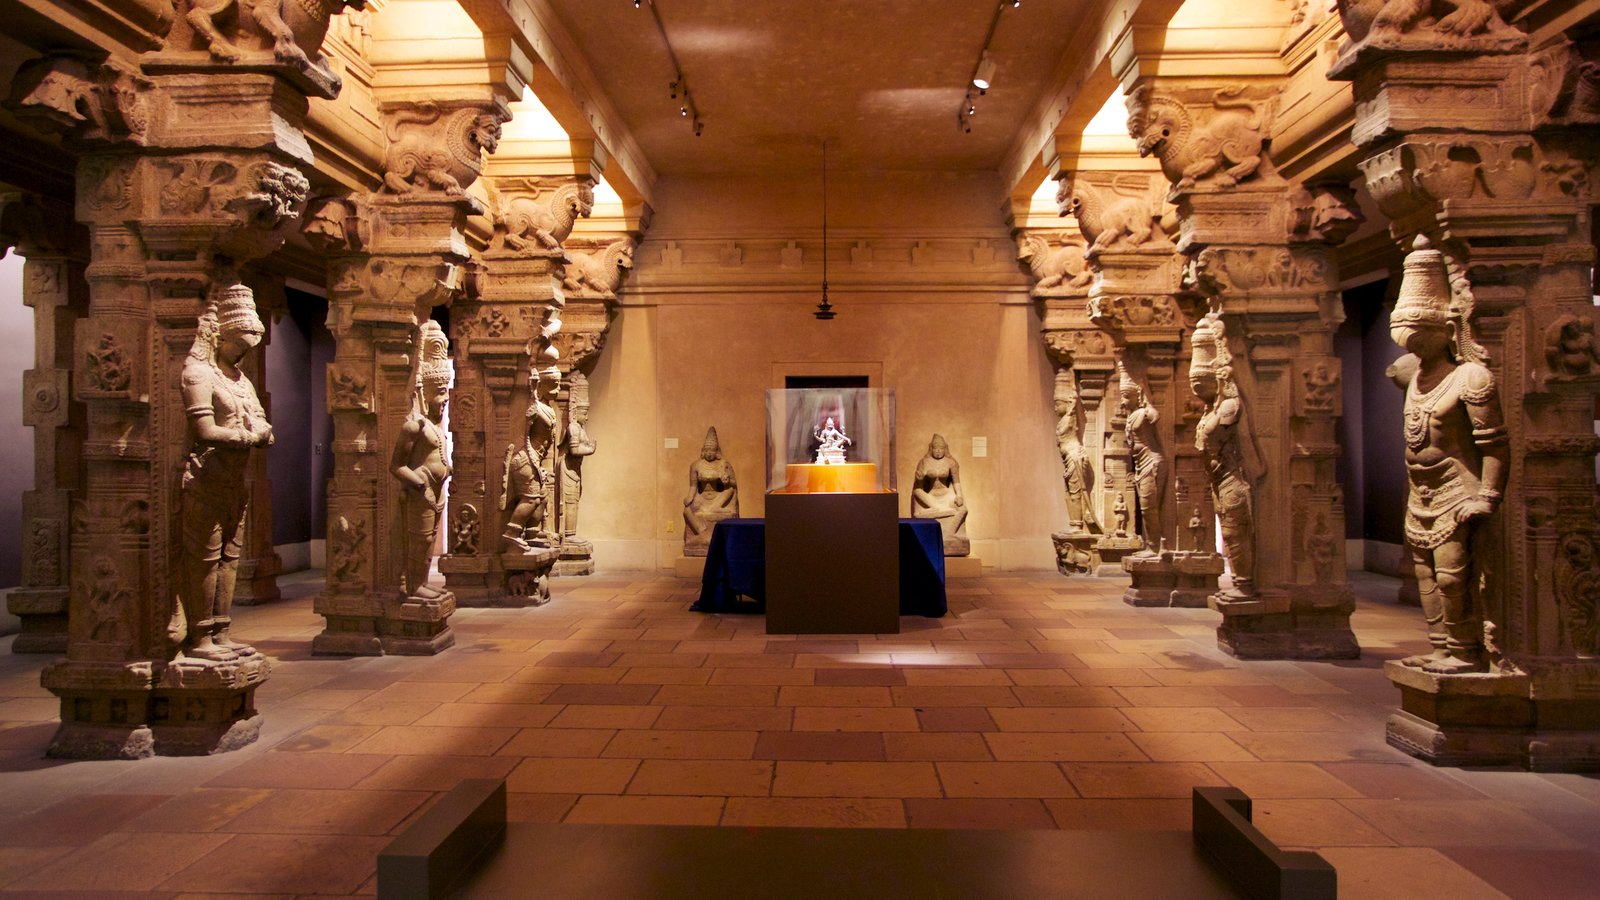 Museu de Arte que inclui vistas internas e arte